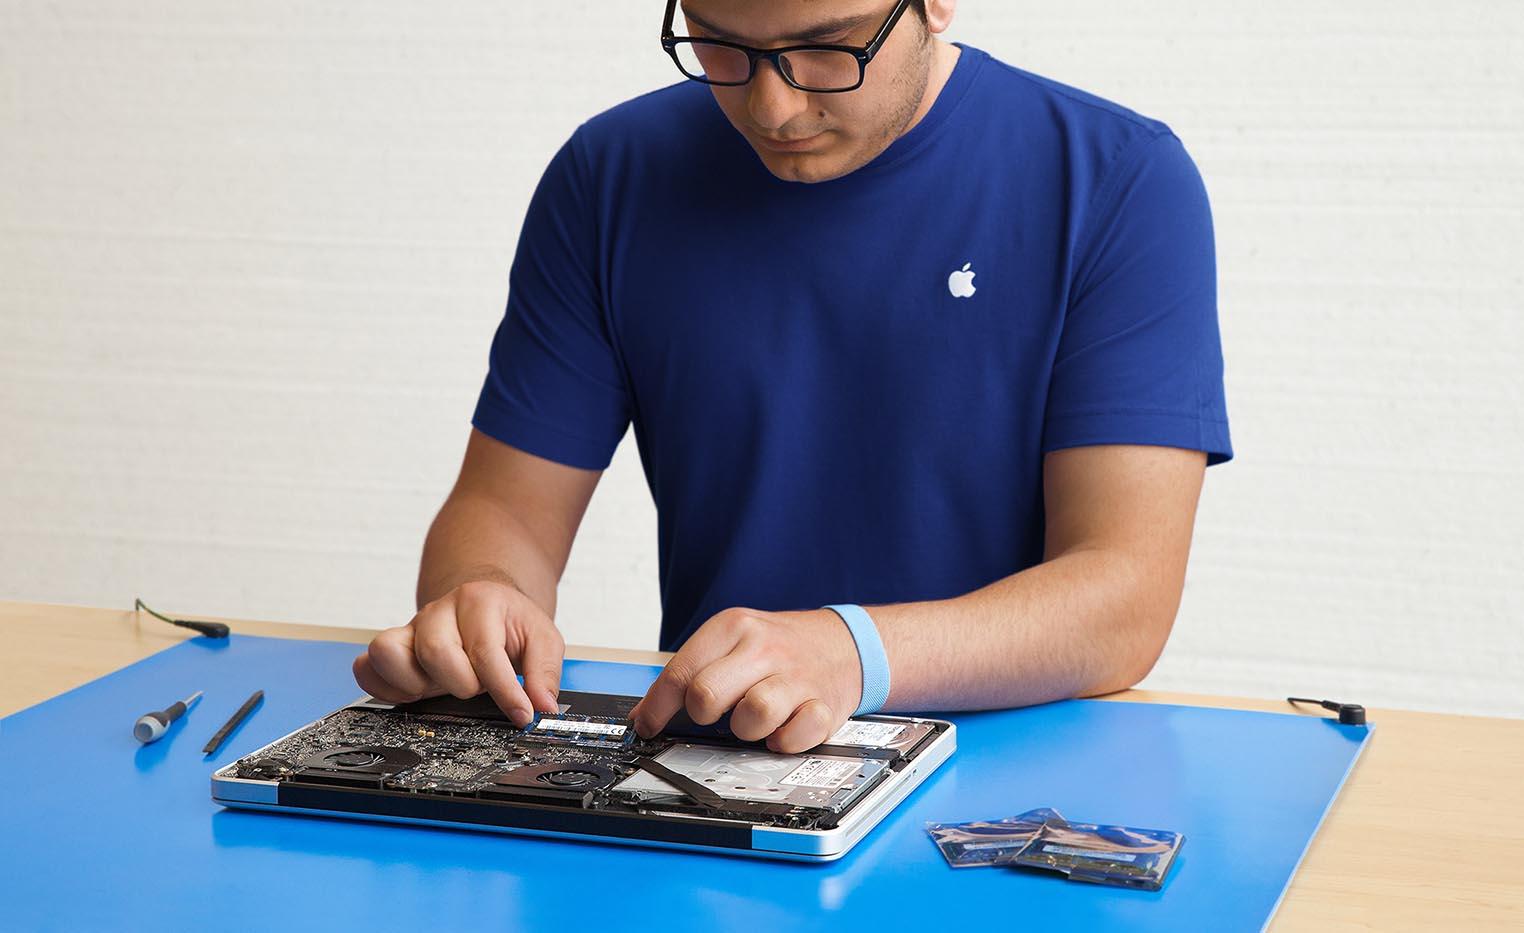 Réparation MacBook Pro Apple